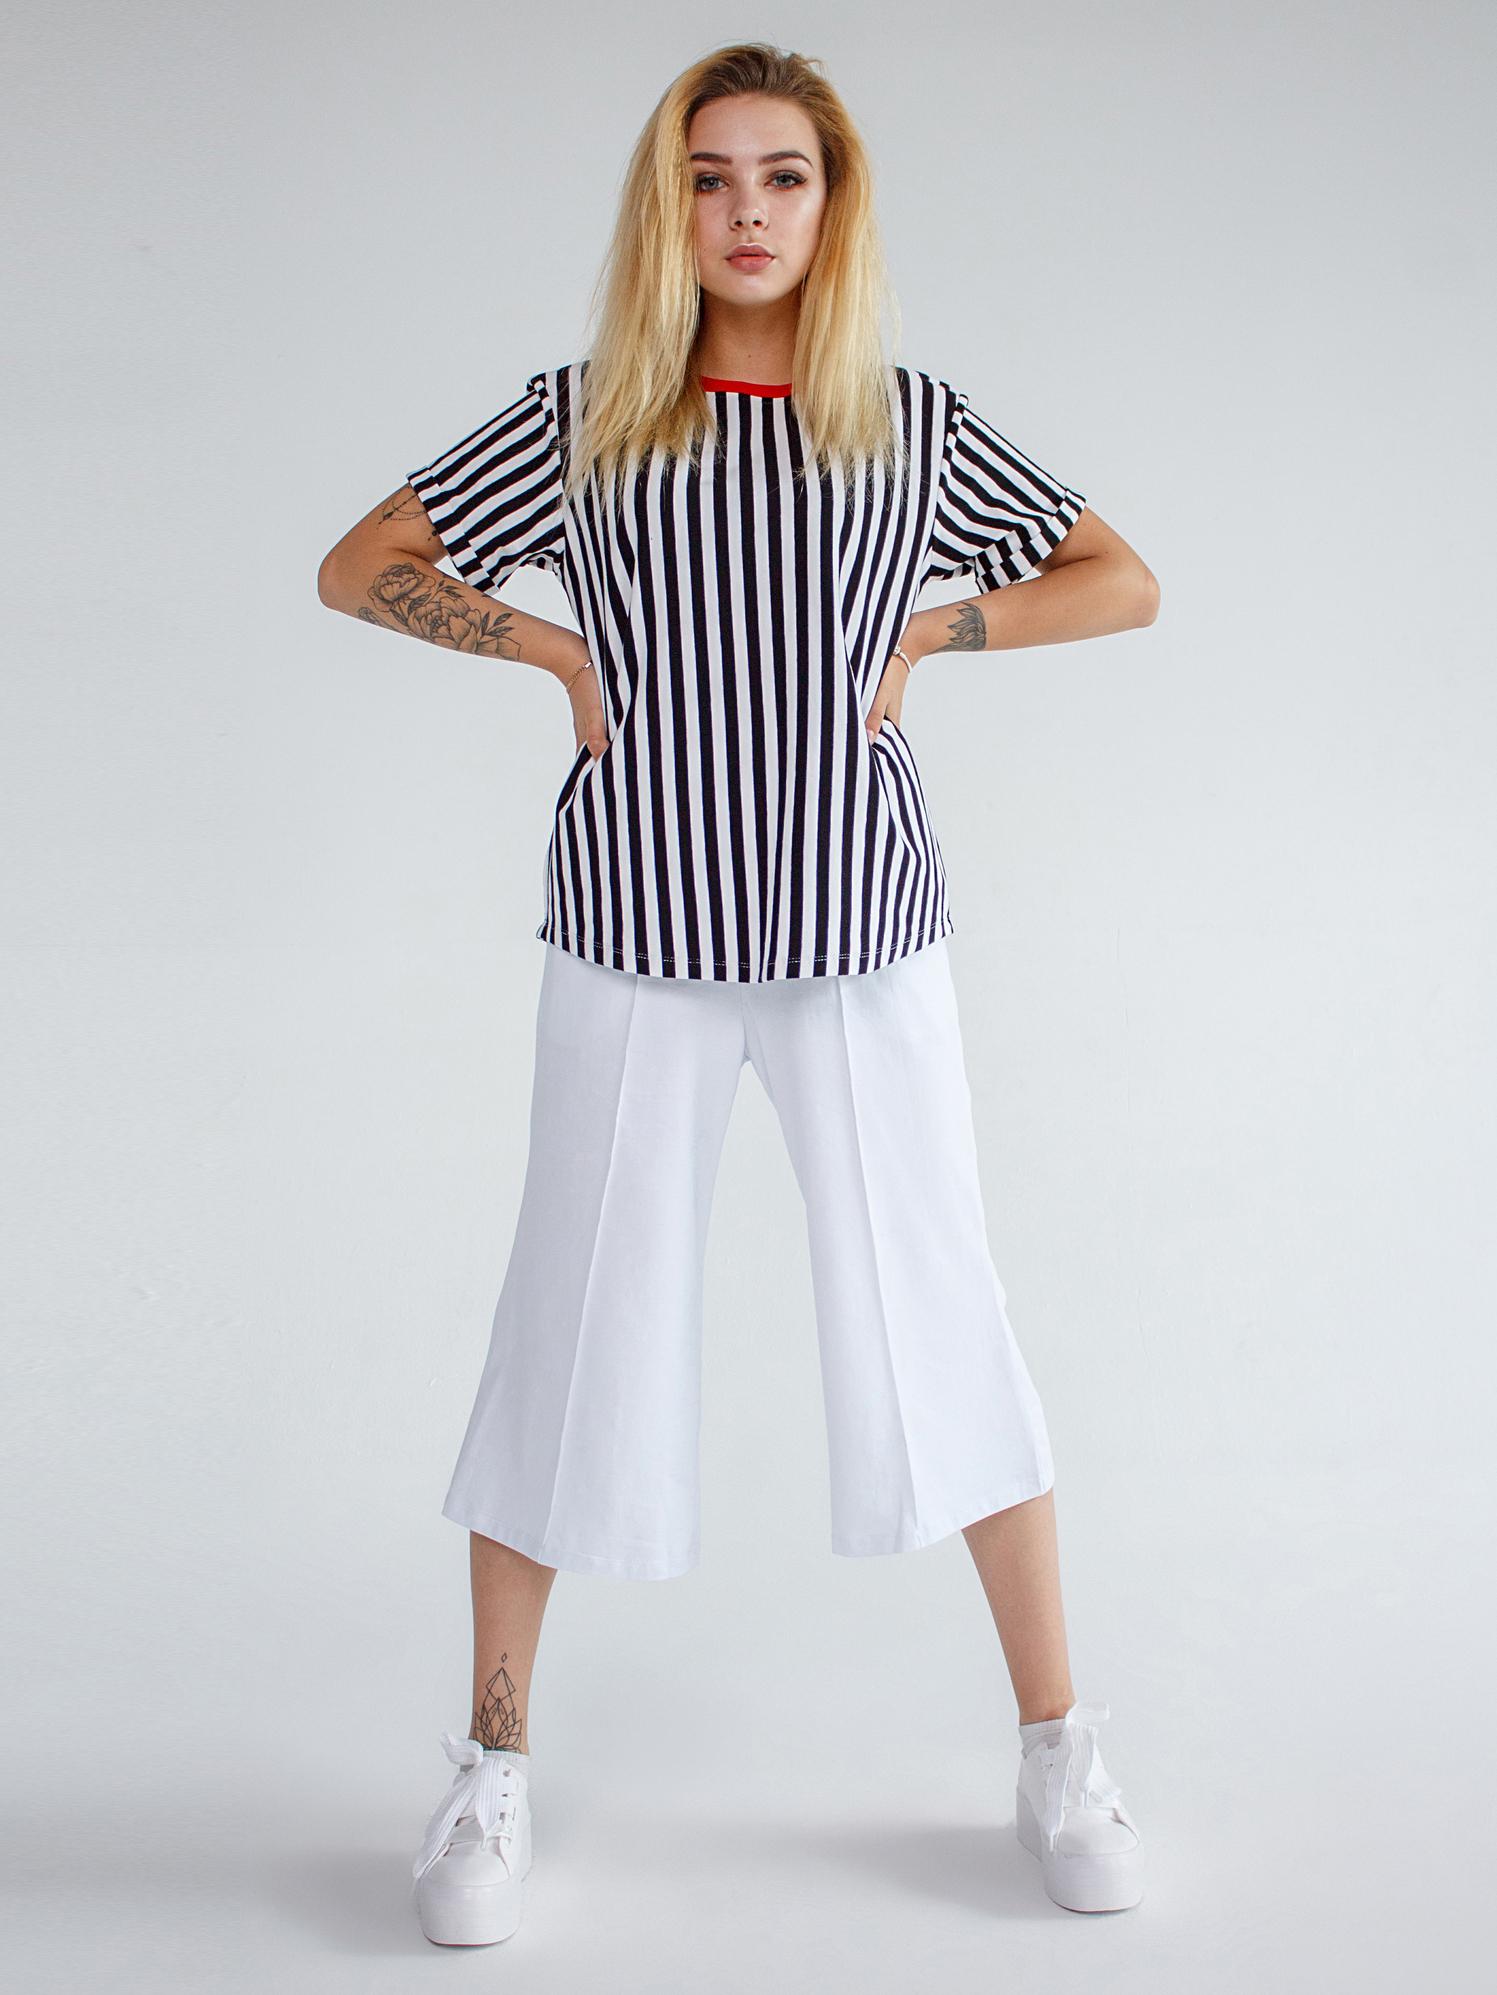 Брюки хлопковые белые YOS от украинского бренда Your Own Style